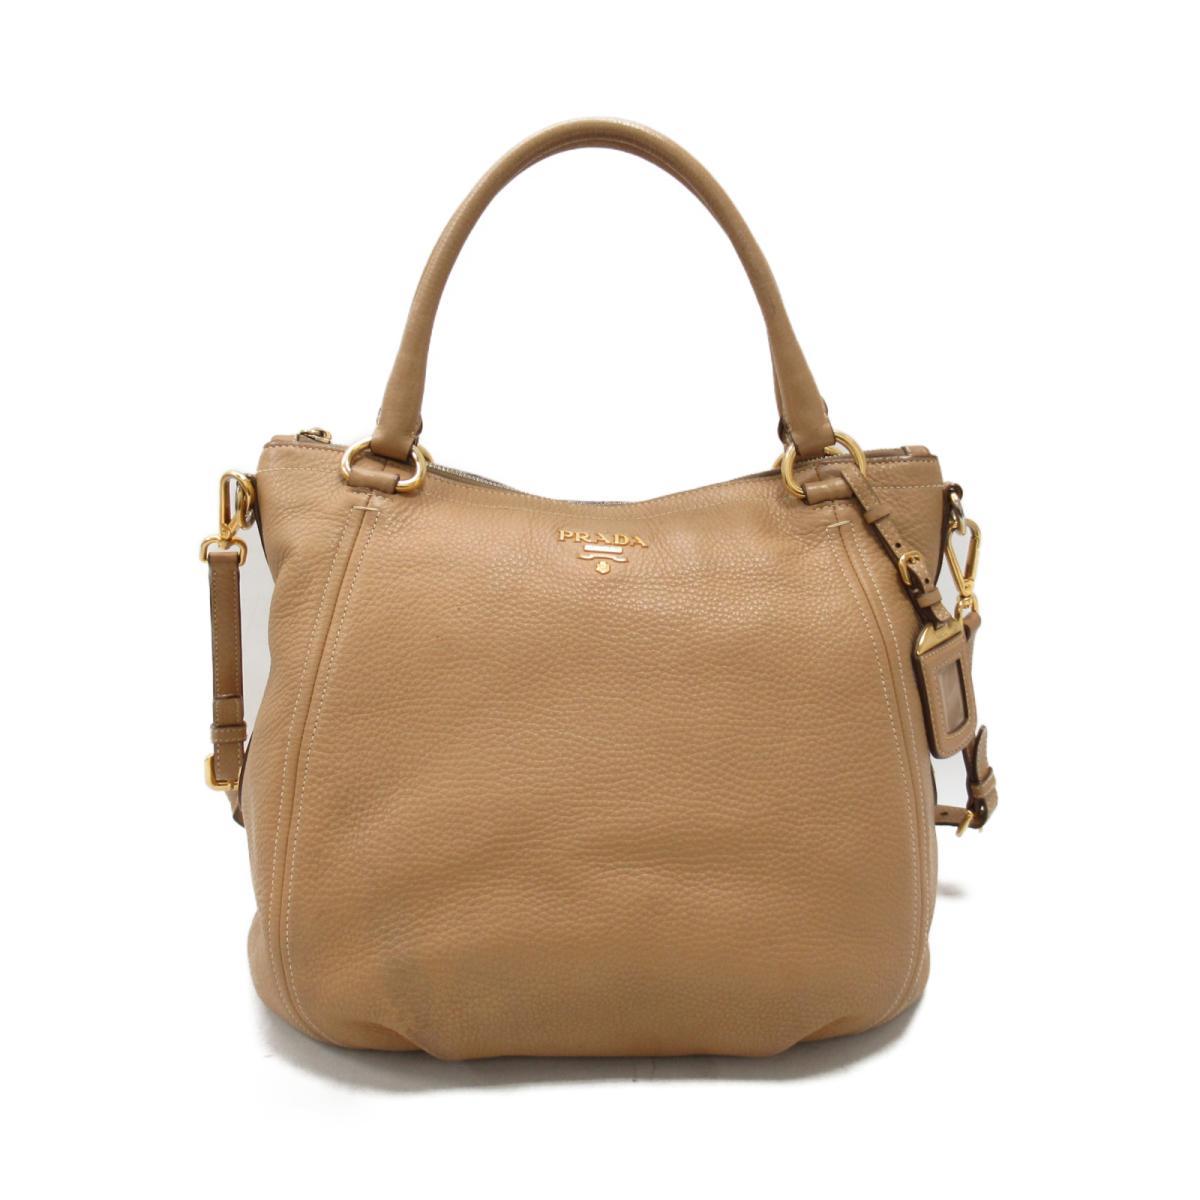 【中古】 プラダ 2way ハンドバッグ レディース レザー ベージュ | PRADA ハンドバック バッグ バック 鞄 カバン ブランドバッグ ブランドバック BAG ブランドオフ